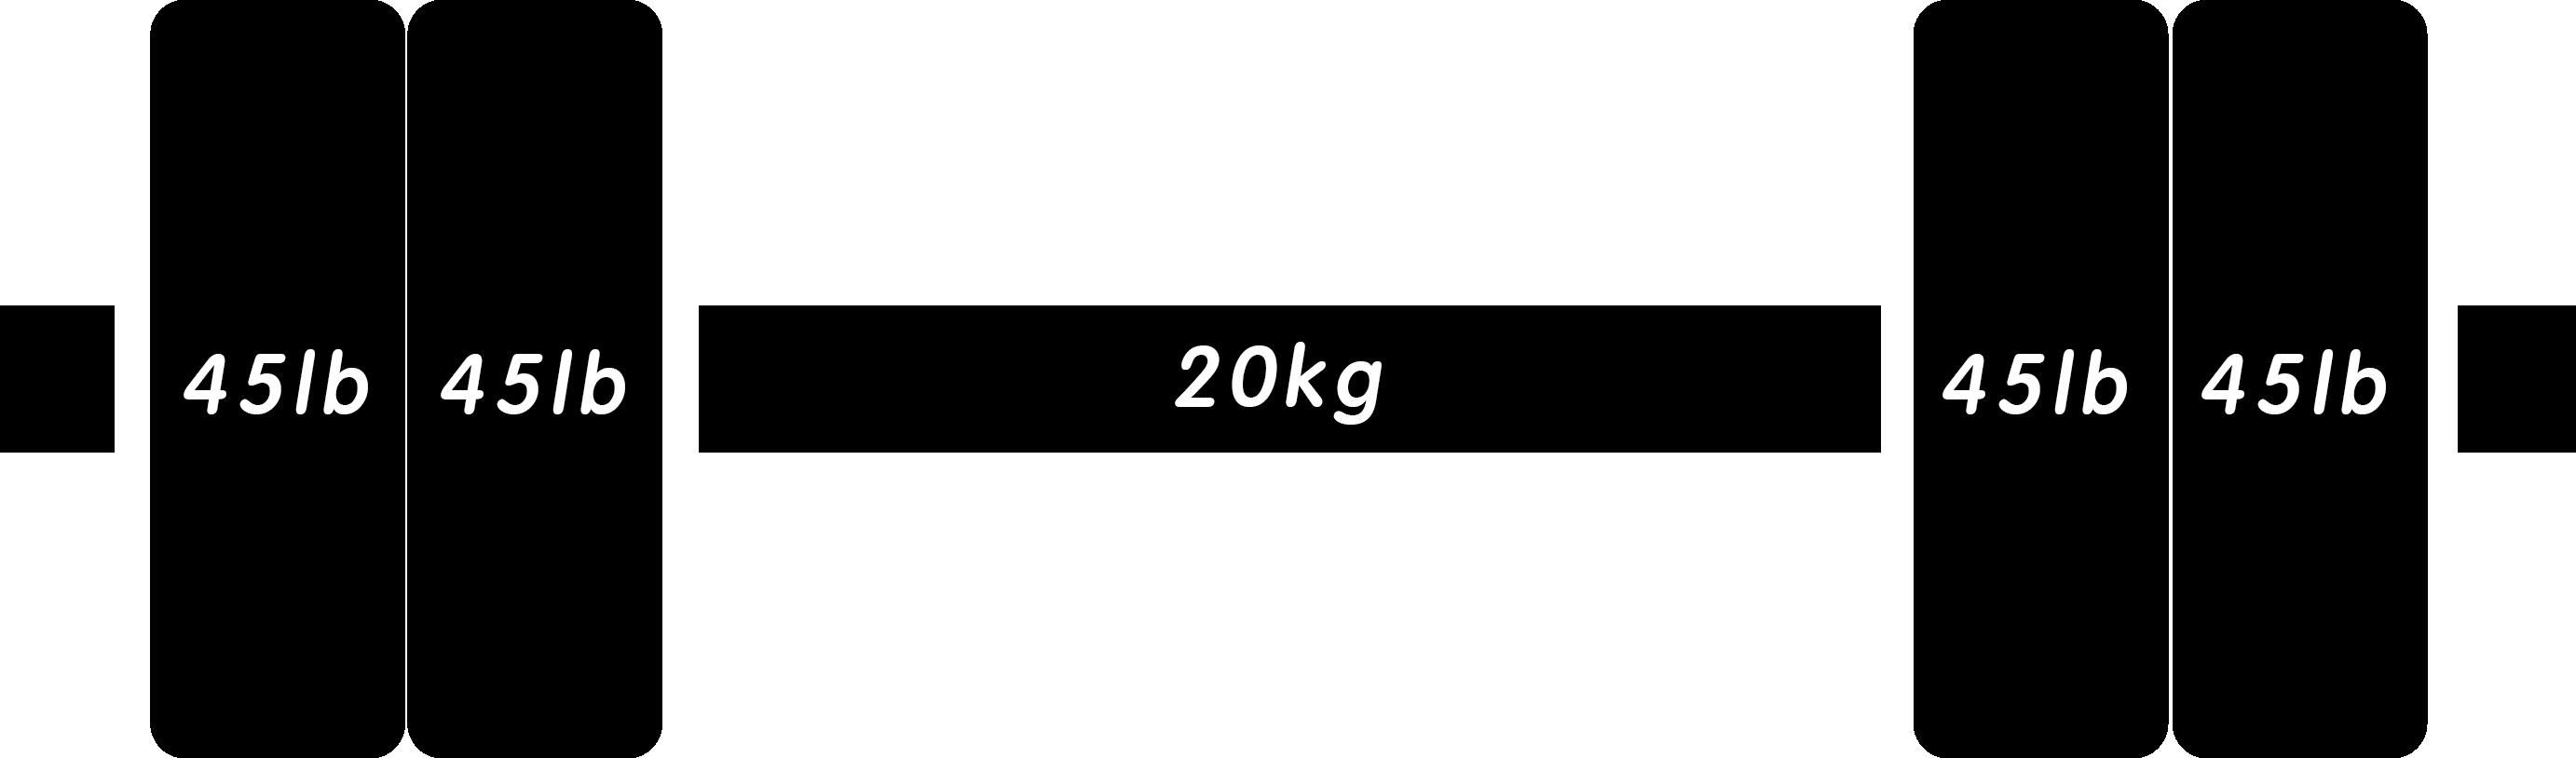 バーベル225lb(ポンド)